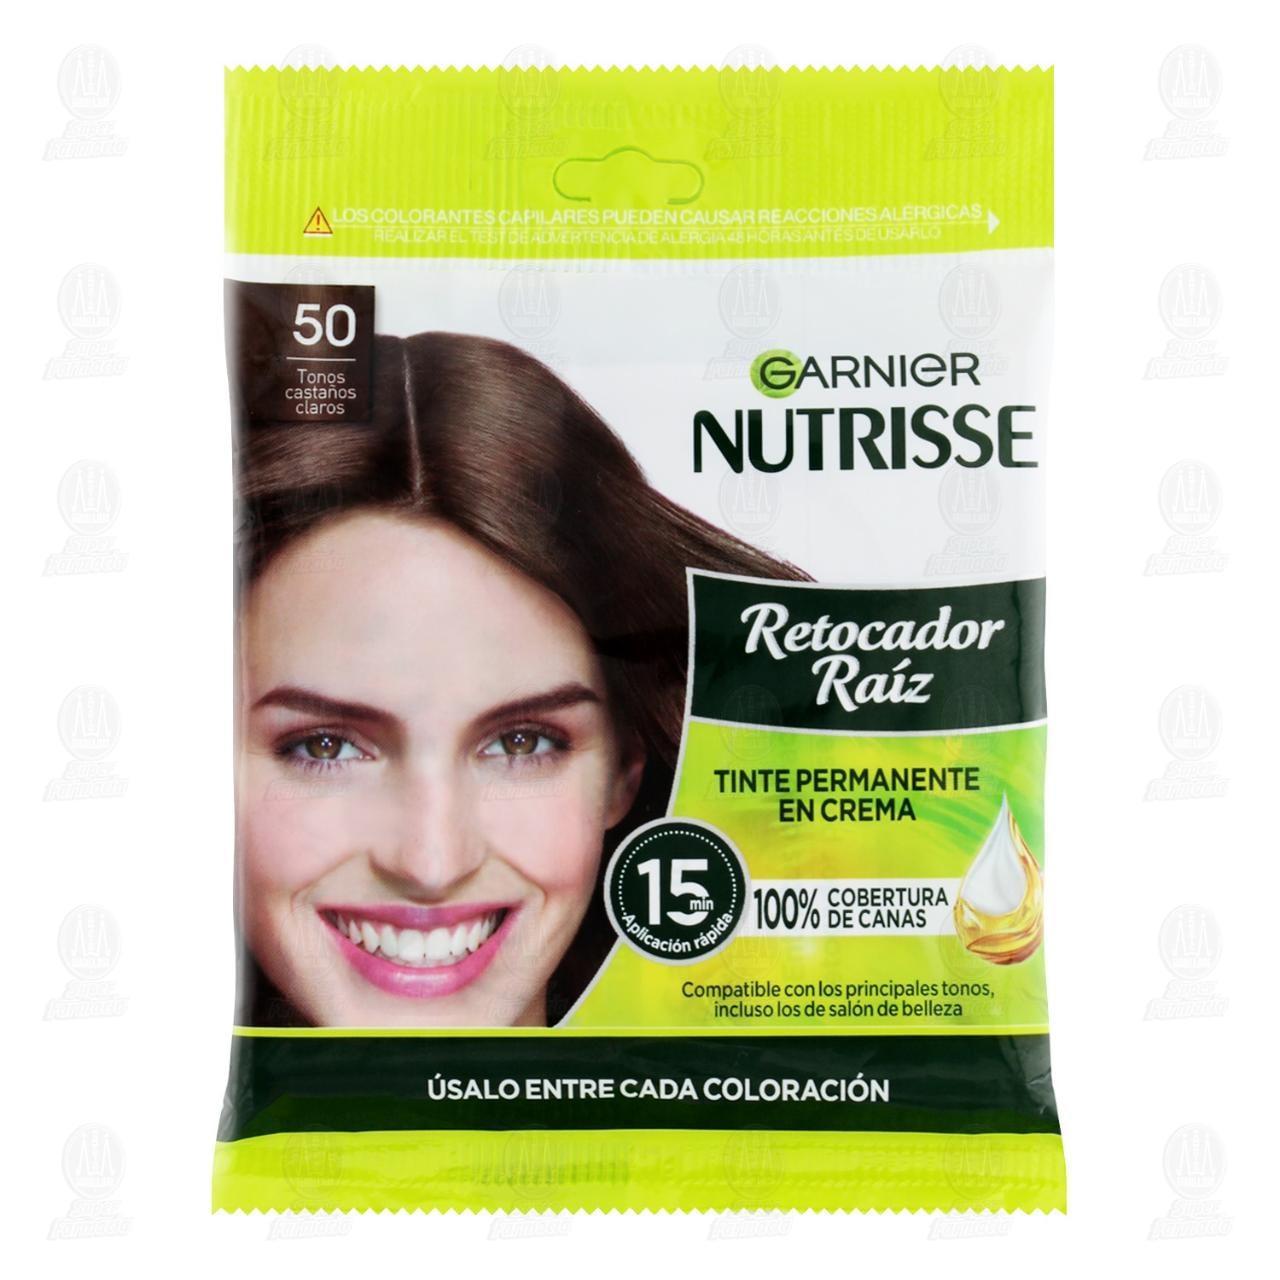 Comprar Retocador de Raíz Garnier Nutrisse en Crema Tonos Castaños Claros (50), 2 pzas. en Farmacias Guadalajara